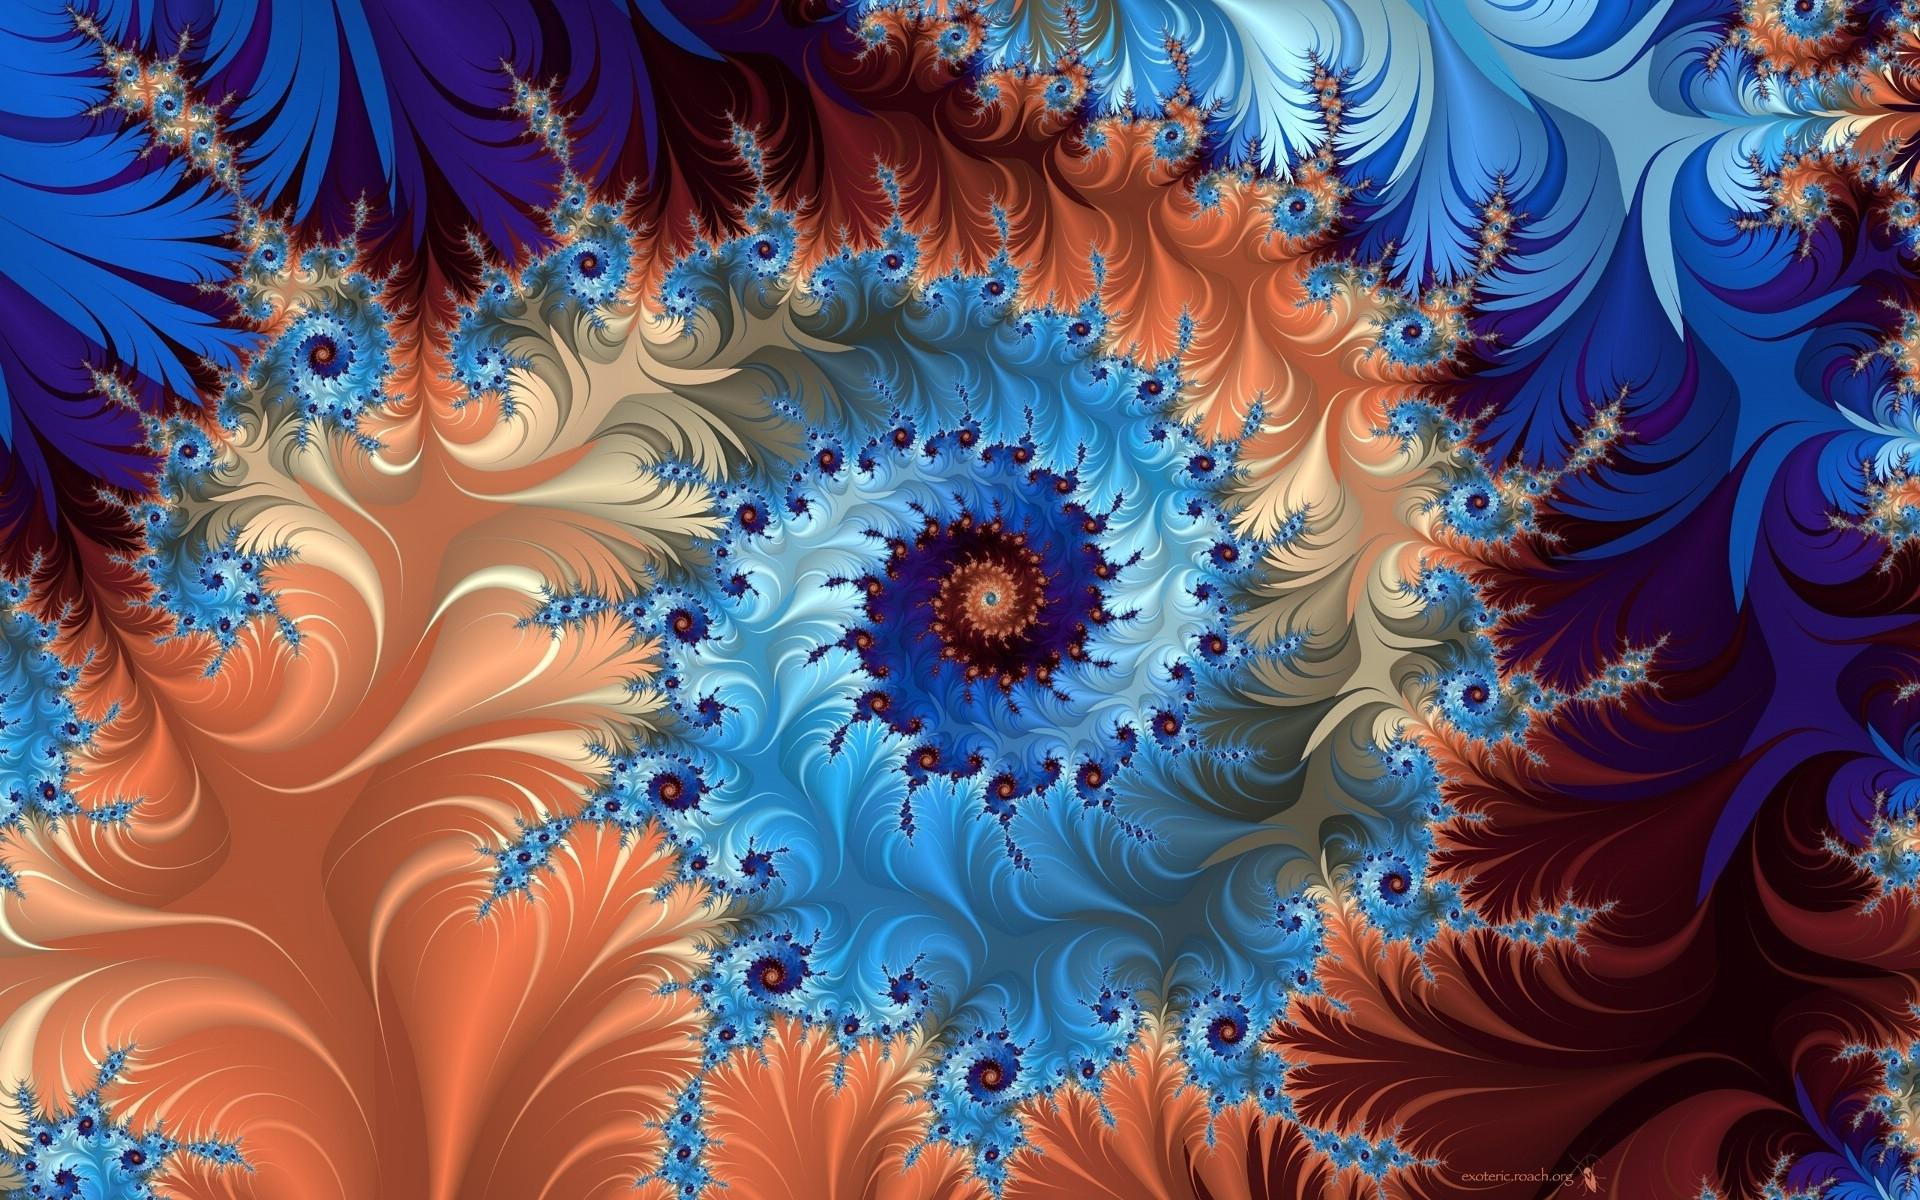 Fond d'écran : spirale, rotation, multicolore, cercle 1920x1200 - 4kWallpaper - 1101683 - Fond d ...